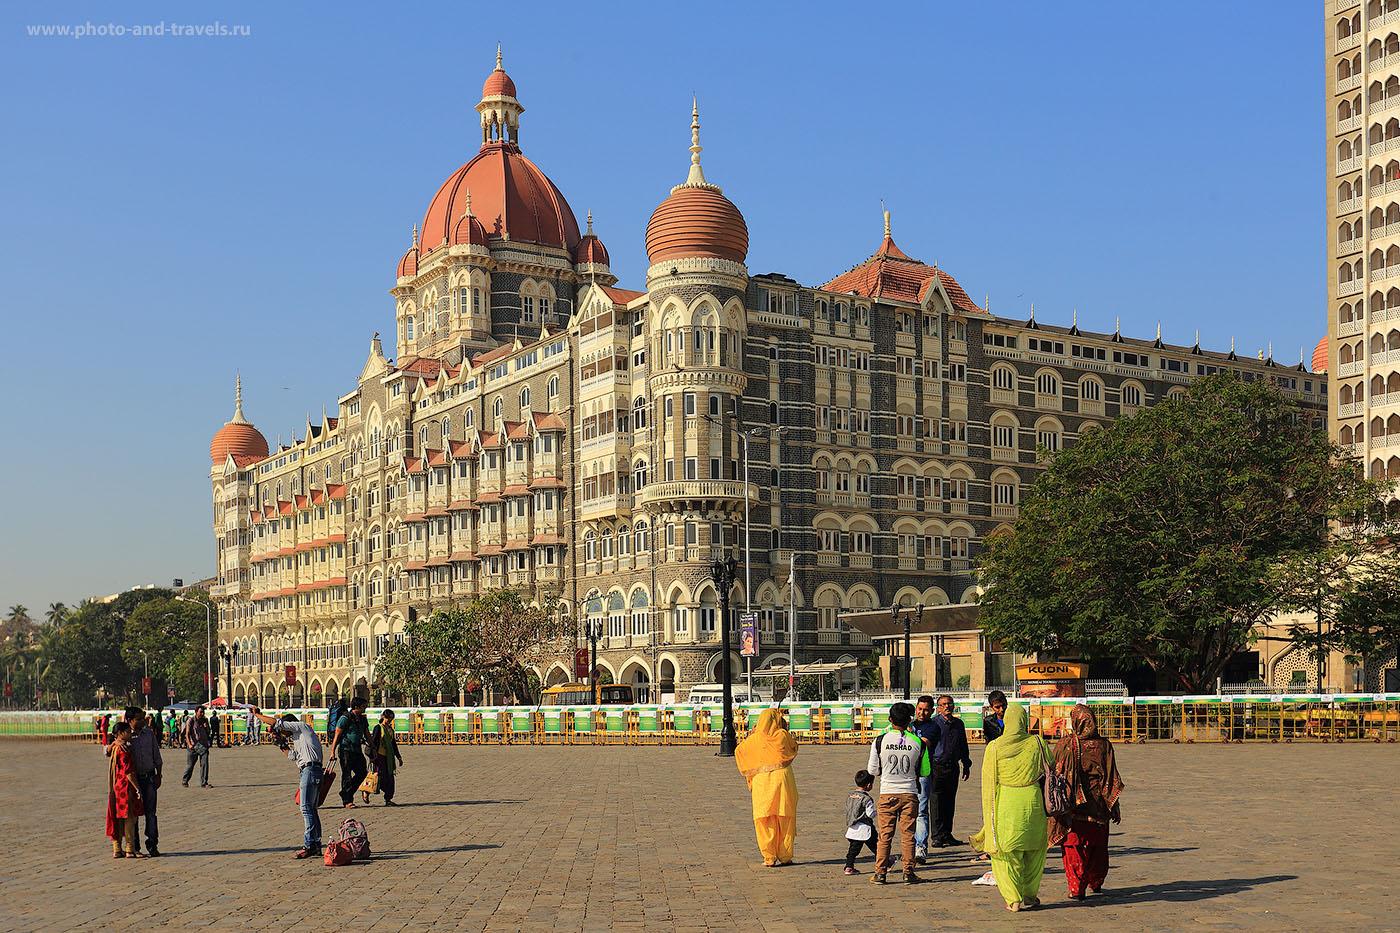 """Фотография 8. Знаменитый отель """"Тадж-Махал"""" в Мумбаи. Отчеты об экскурсиях в Индии. (Кэнон 6Д, объектив Кенон 17-40Л, настройки: 1/125, 8.0, ИСО 100, В=40)"""